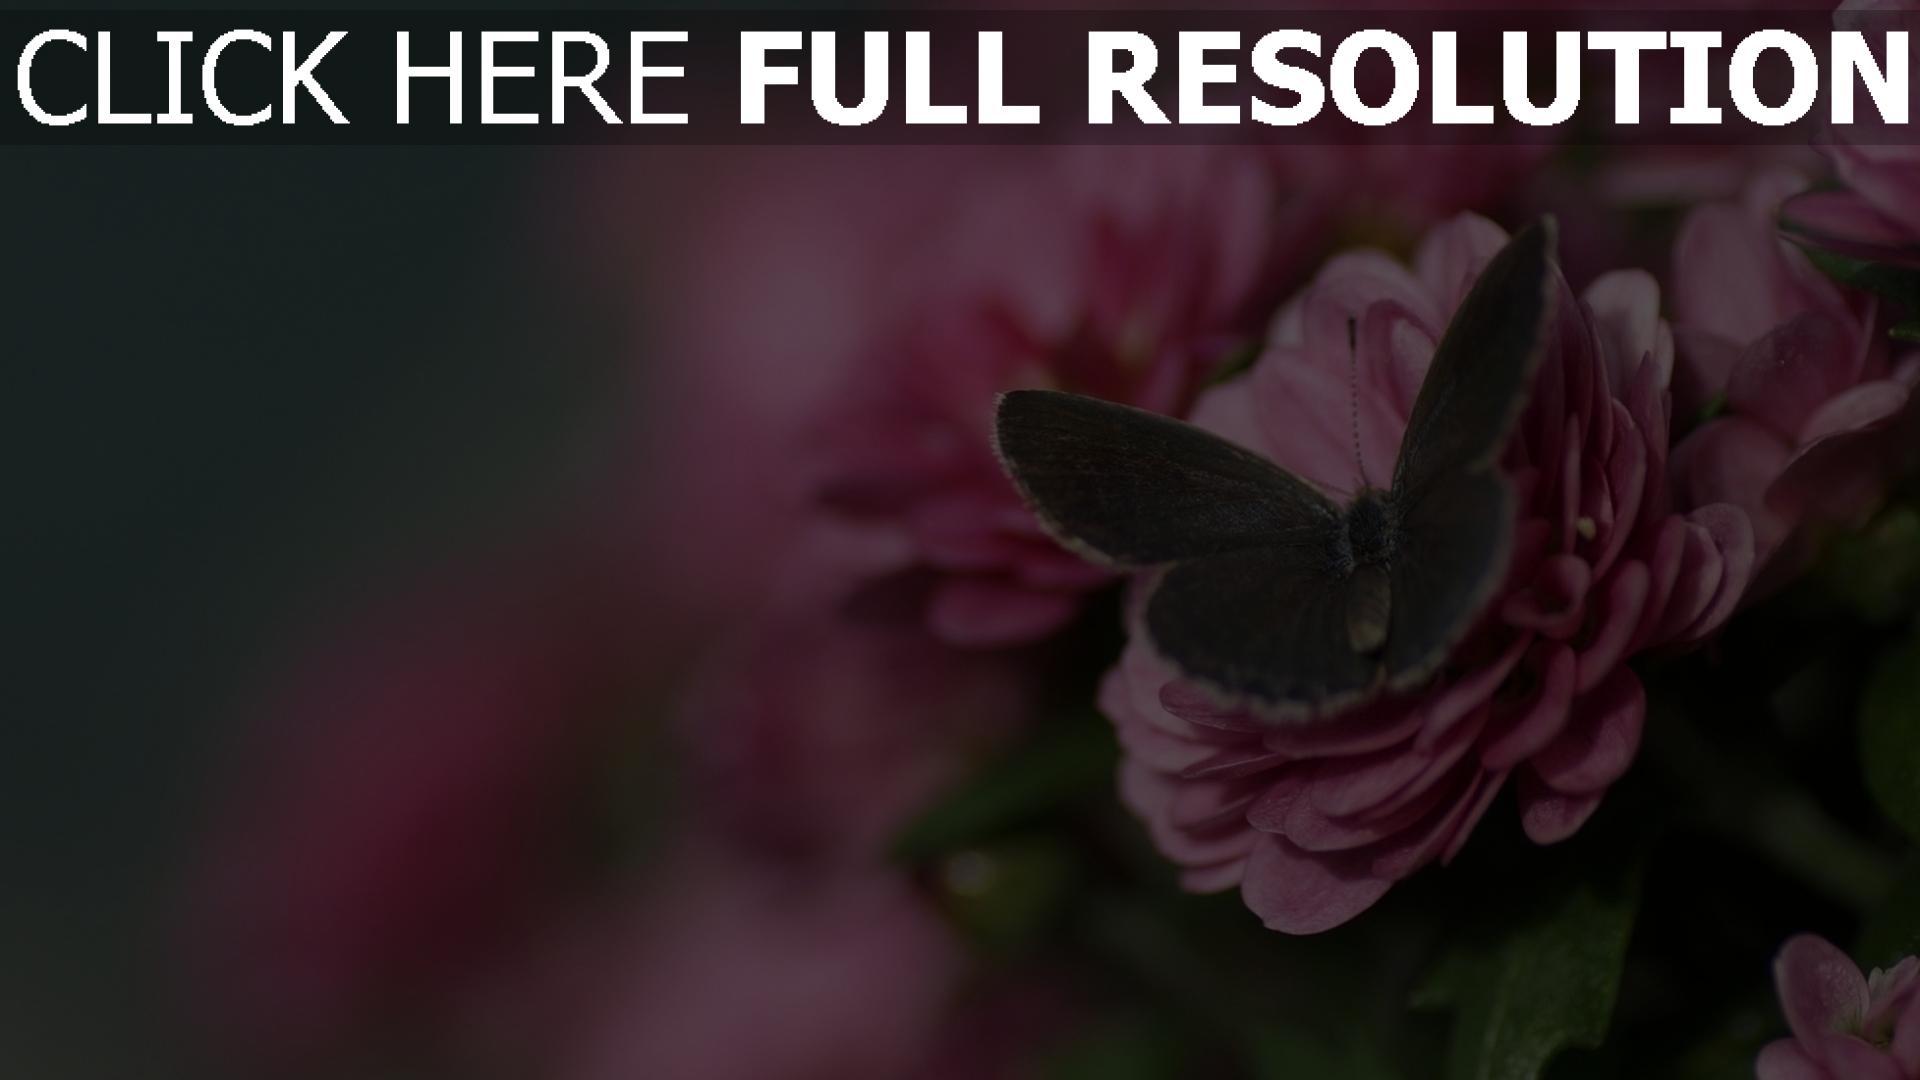 fond d'écran 1920x1080 papillon rose pétale